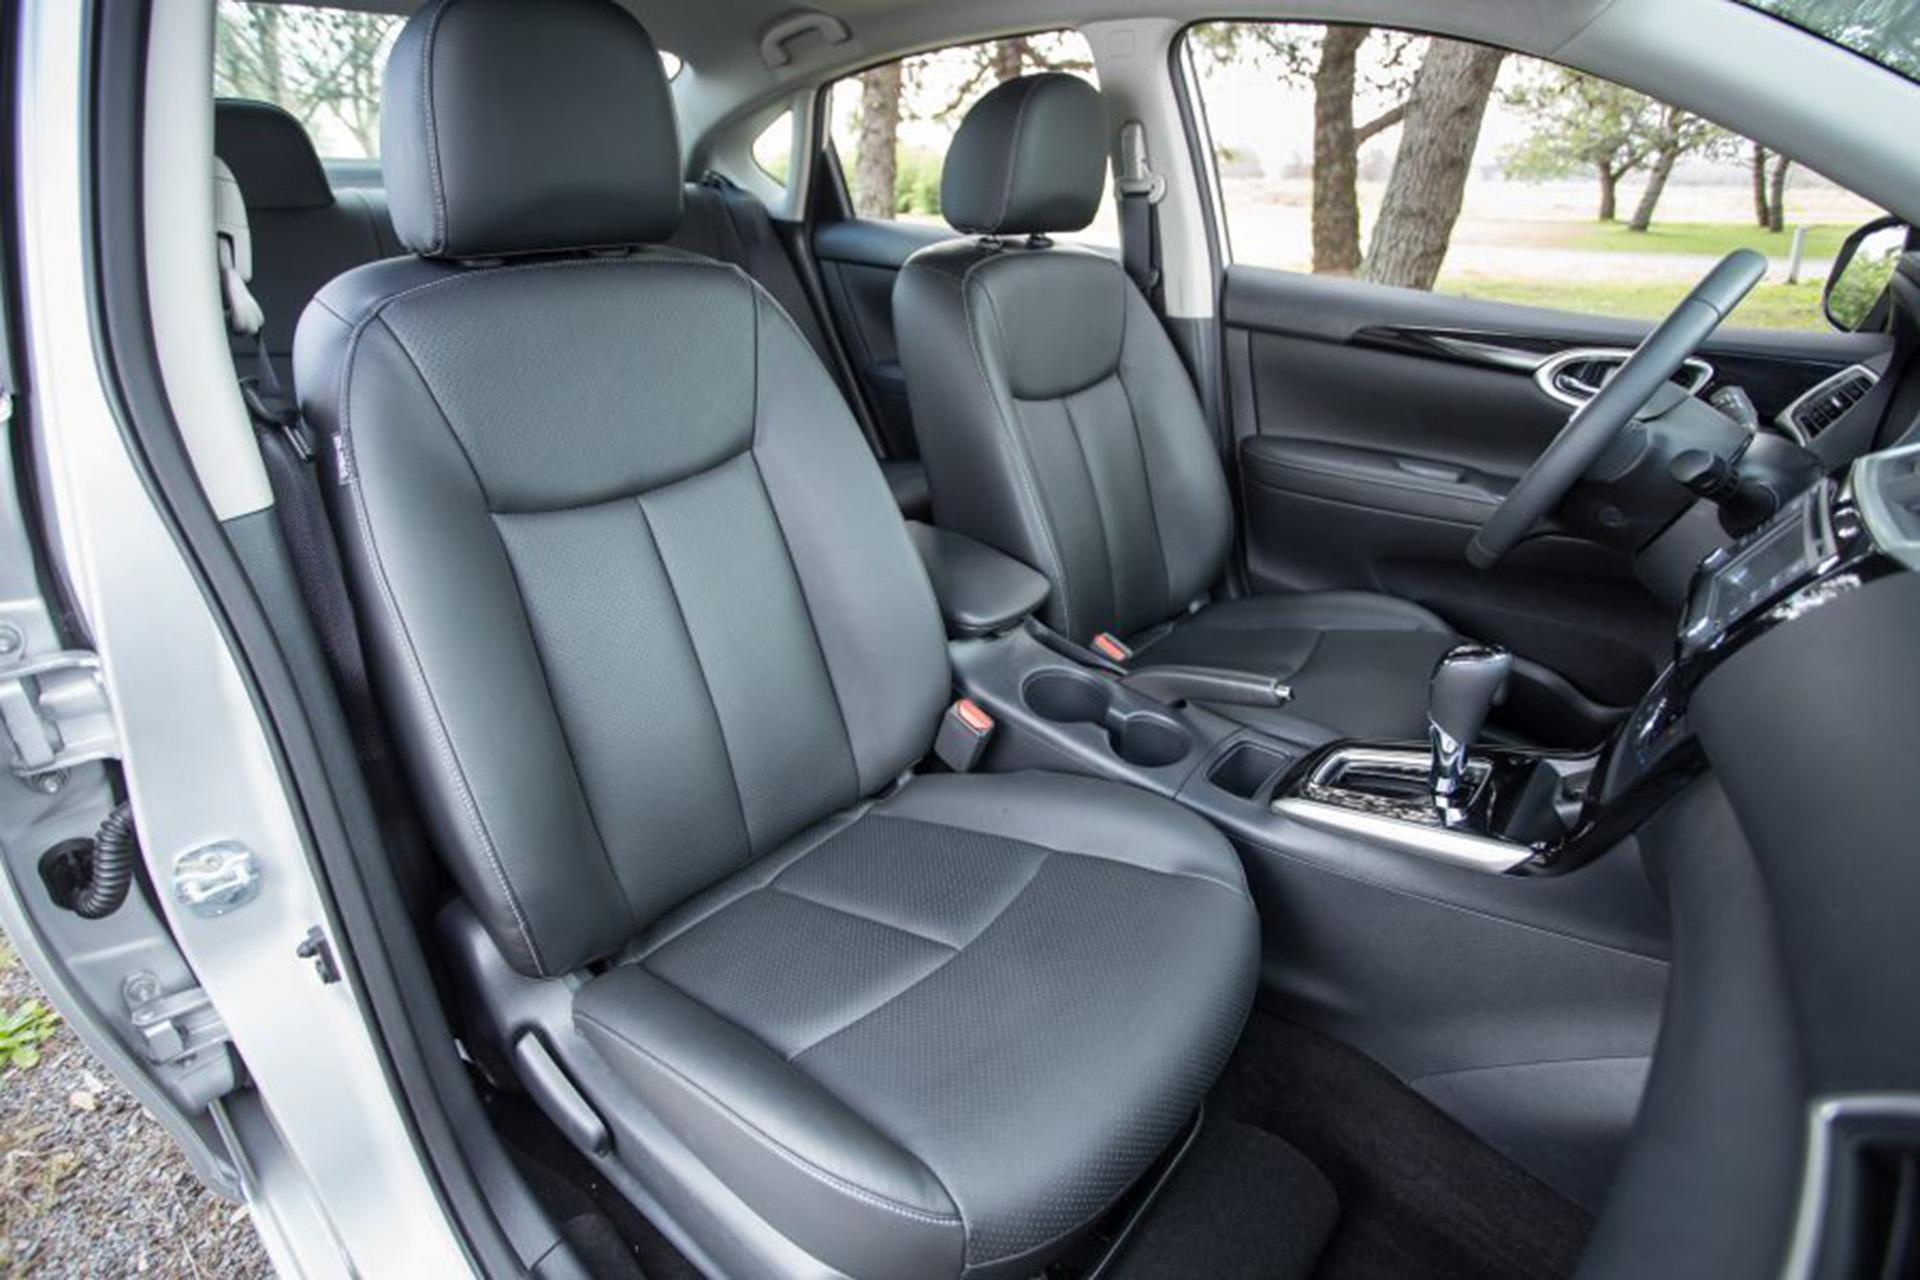 La cabina de este sedán posee el balance adecuado de practicidad. El ángulo de apertura de las puertas delanteras y traseras, por ejemplo, facilita ingresar o salida del vehículo, mientras que el asiento trasero rebatible hace posible aumentar el área de carga del baúl